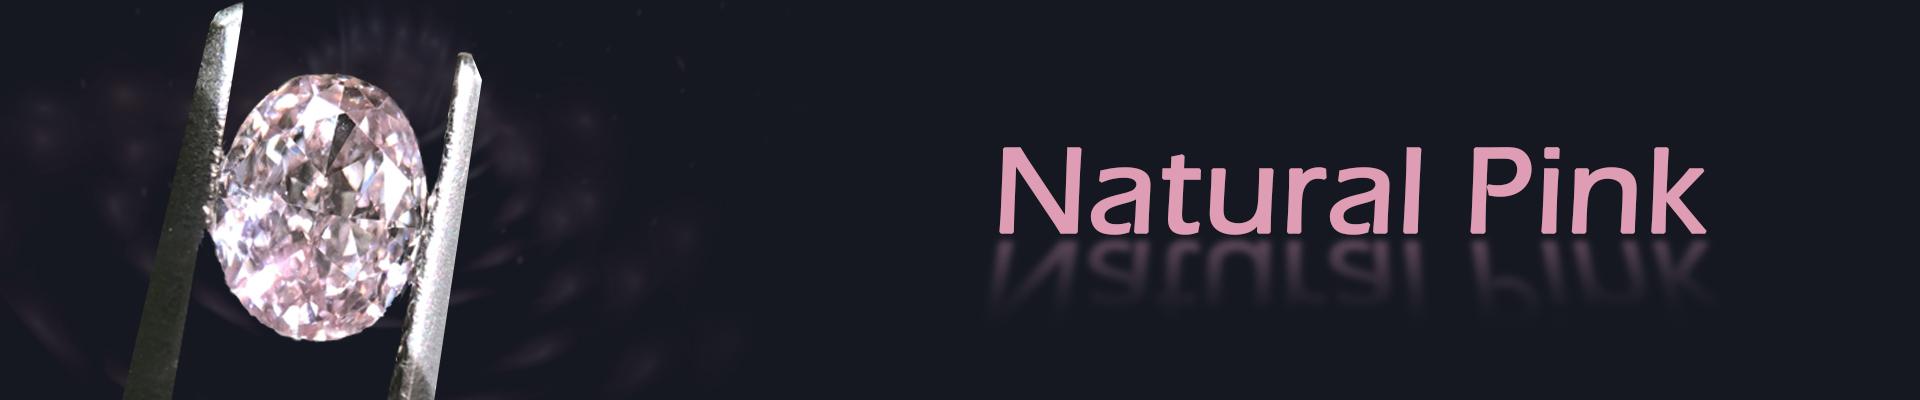 NATURAL PINK